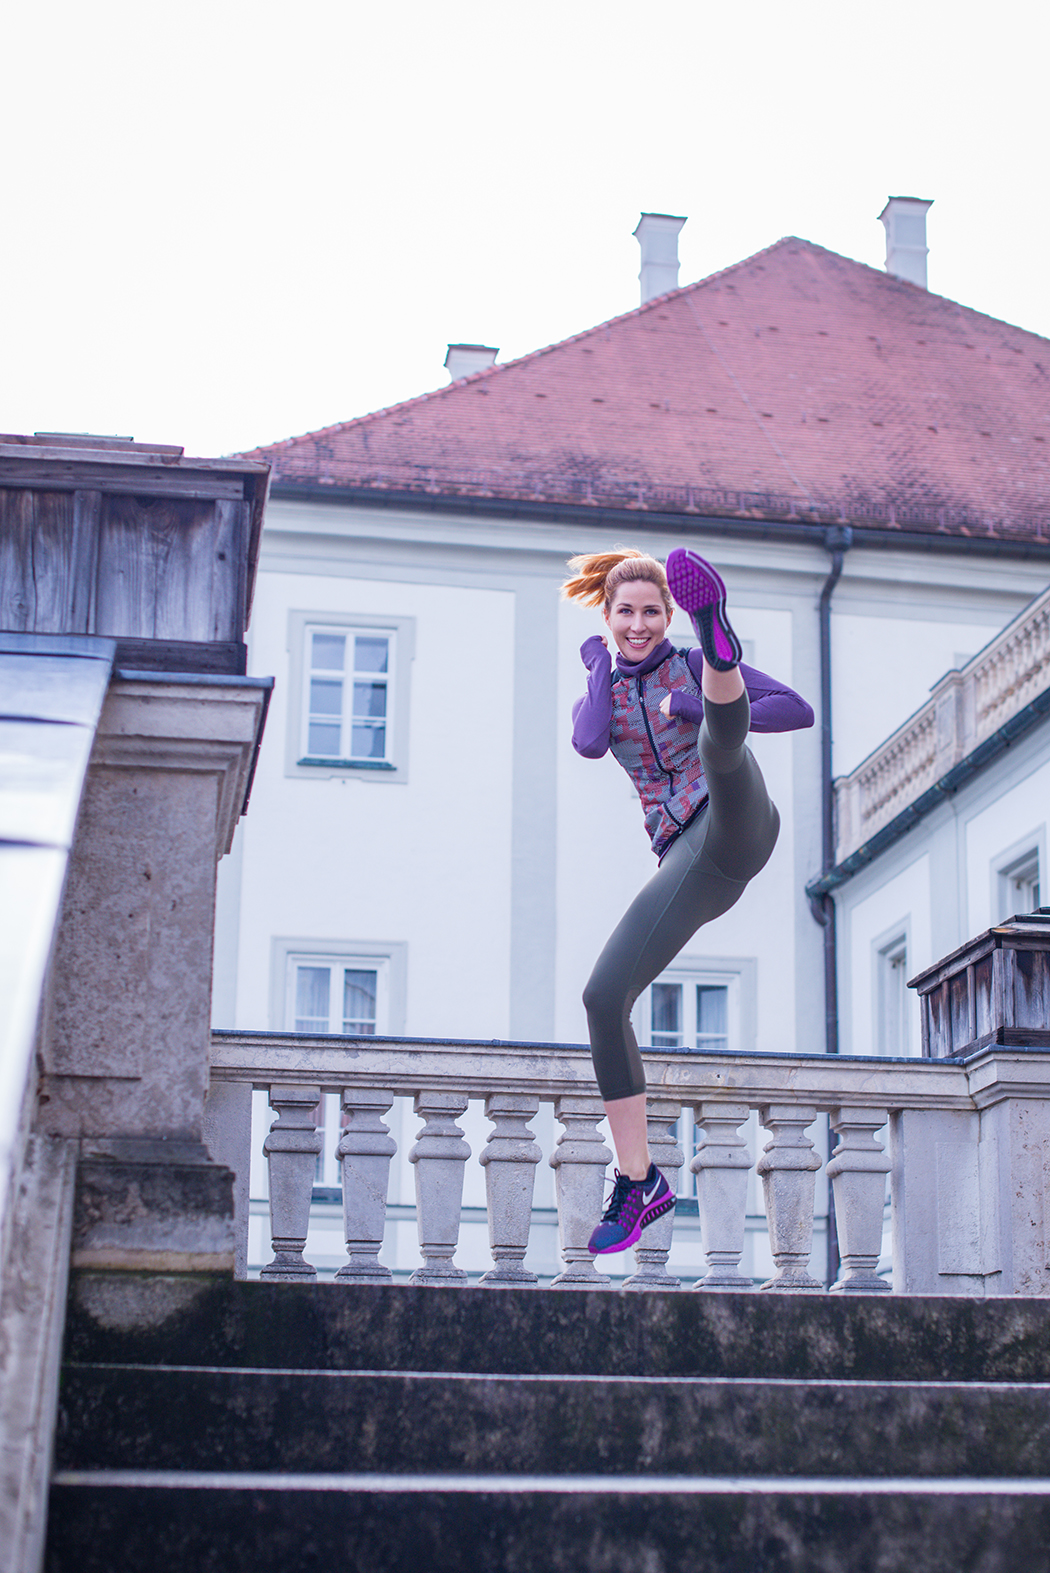 Fitnessblog-Fitnessblogger-Fitness-Blog-Blogger-Running-Nike-Flash-Kollektion-Munich-Deutschland-Muenchen-Lindarella-8